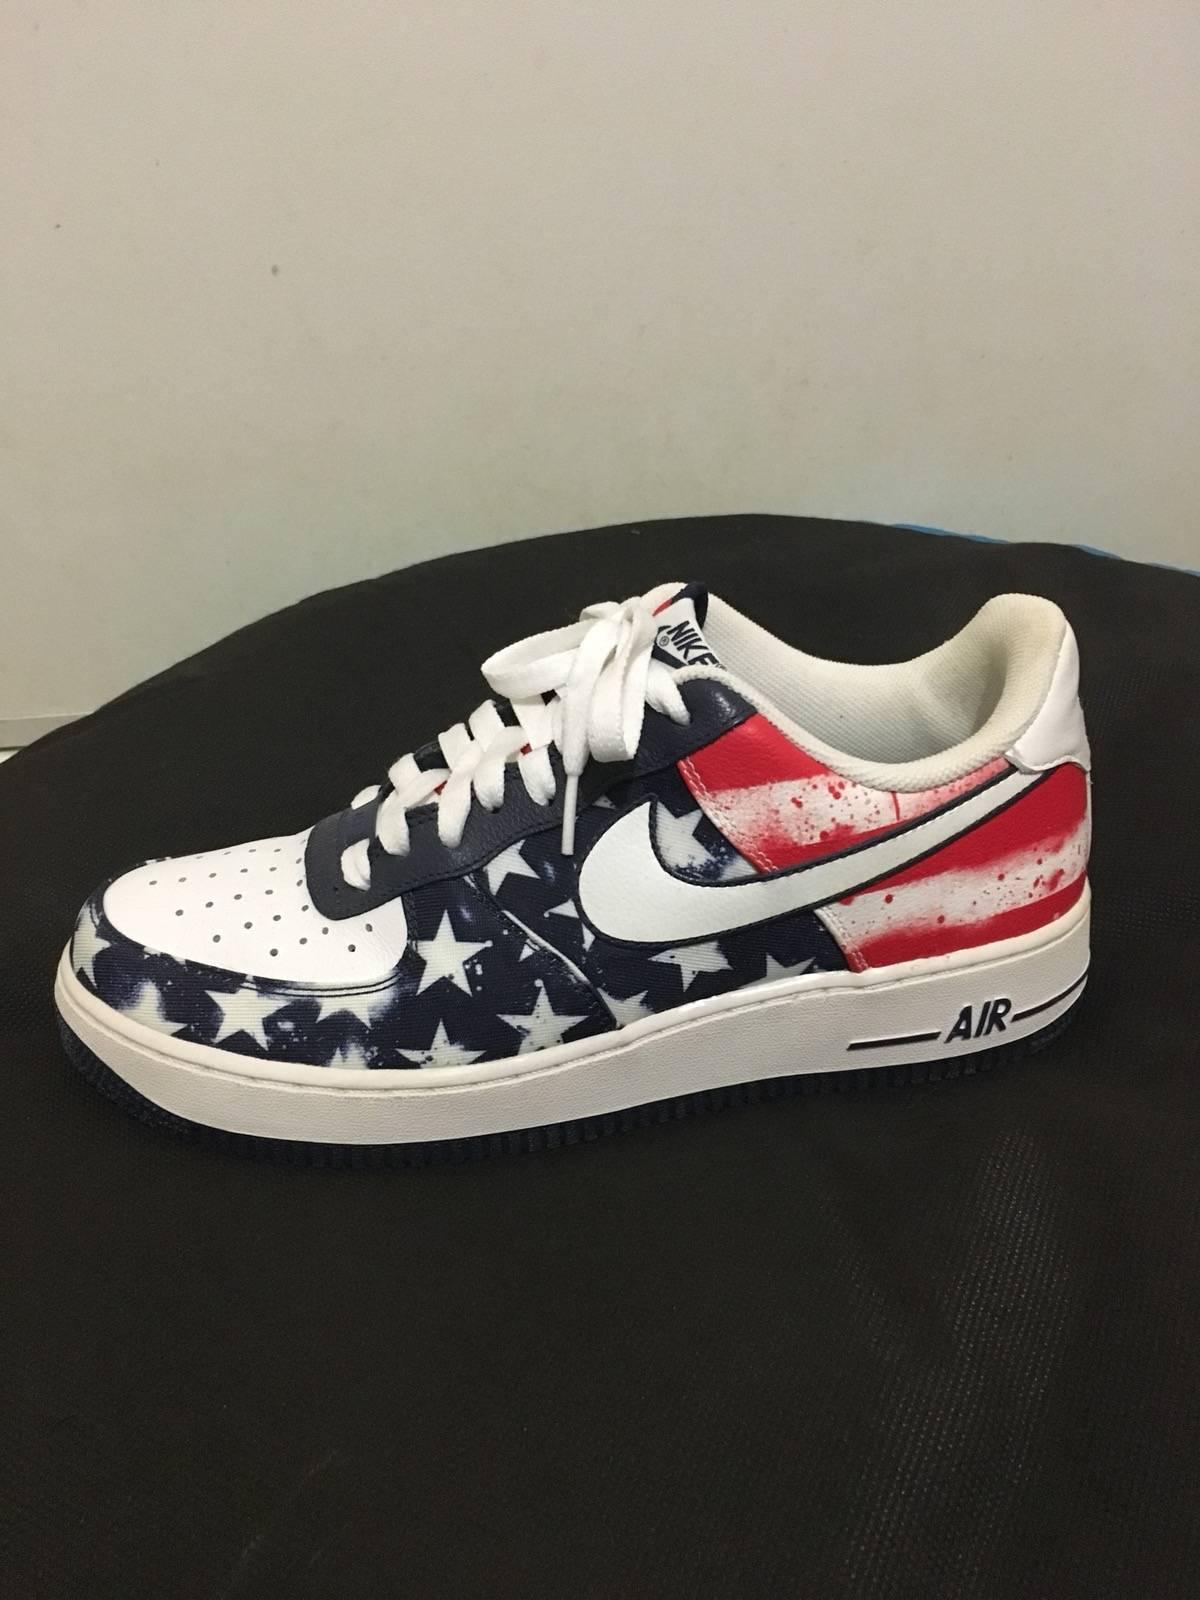 Nike Nike Air Force 1 American Flag | Grailed